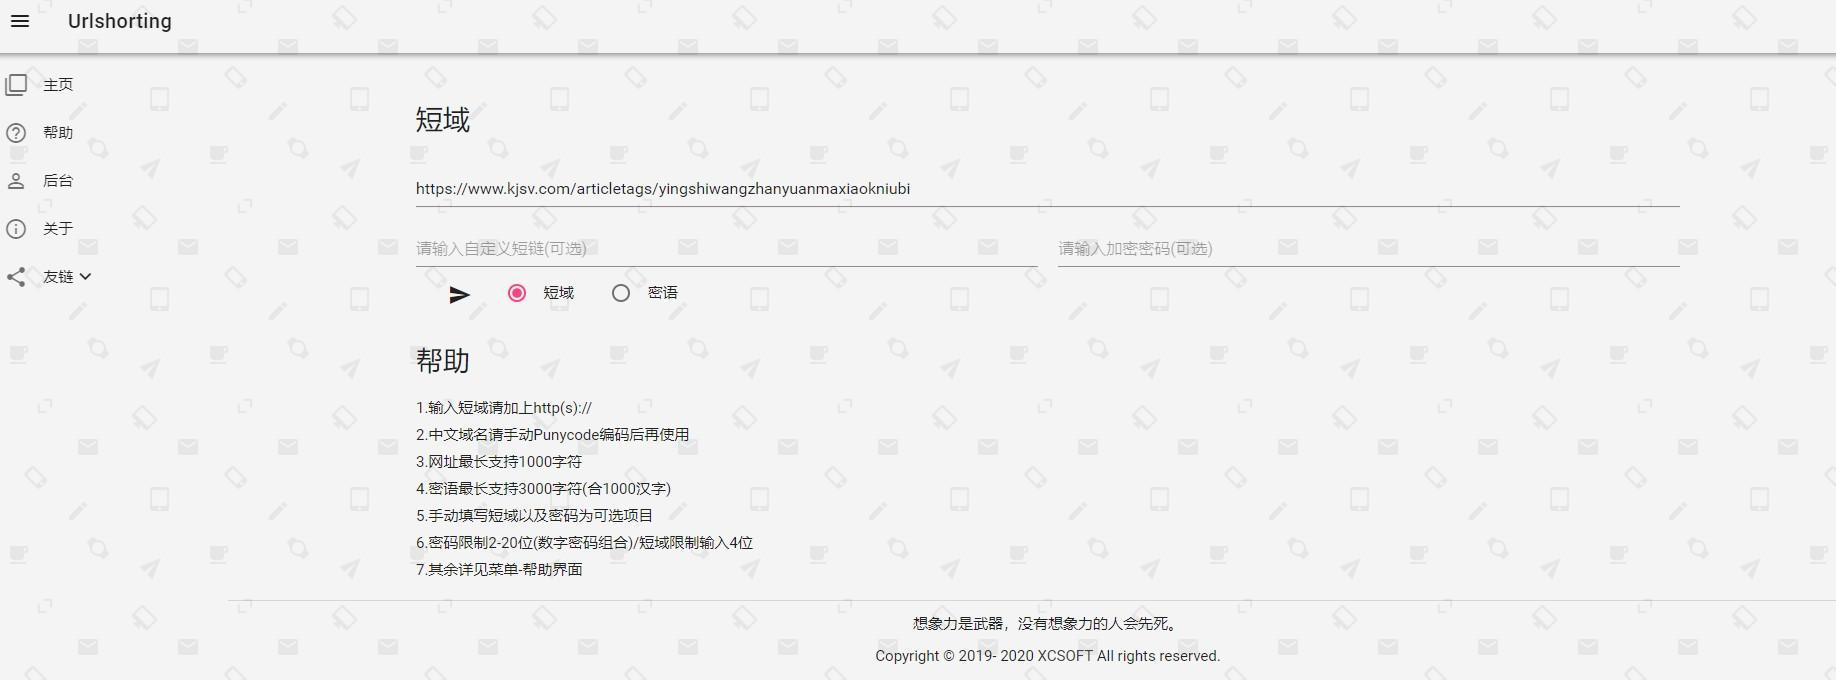 PHP星辰网址缩短源码,网站源码,php源码,源码,免费,第2张